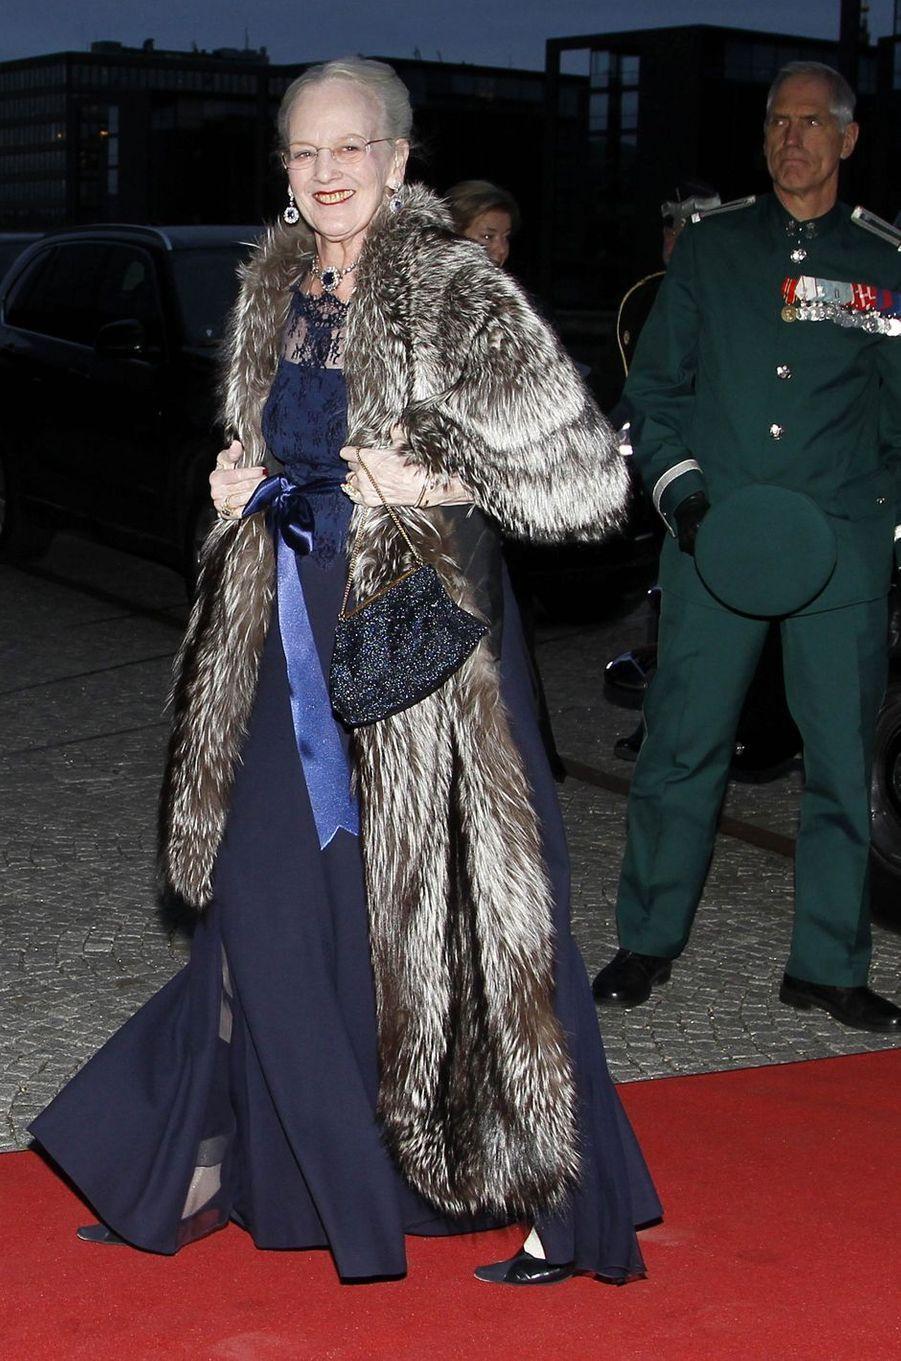 La reine Margrethe II de Danemark à Copenhague, le 29 mars 2017